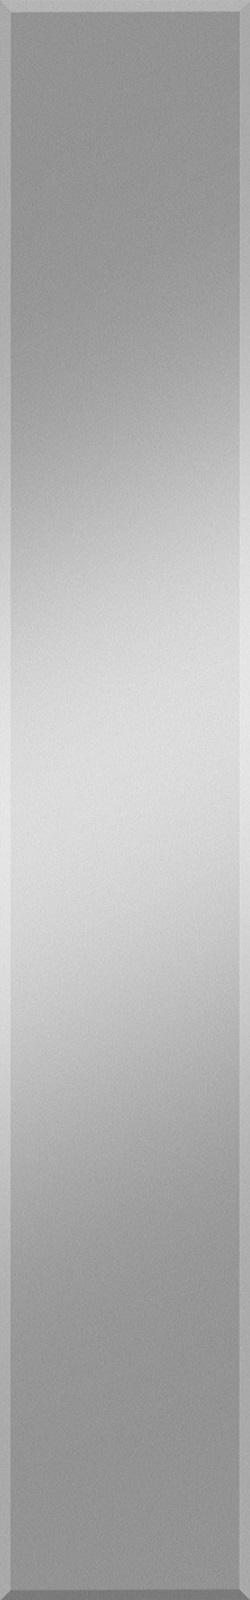 Zalena Schlicht- und eleganter Facettenspiegel Garbo